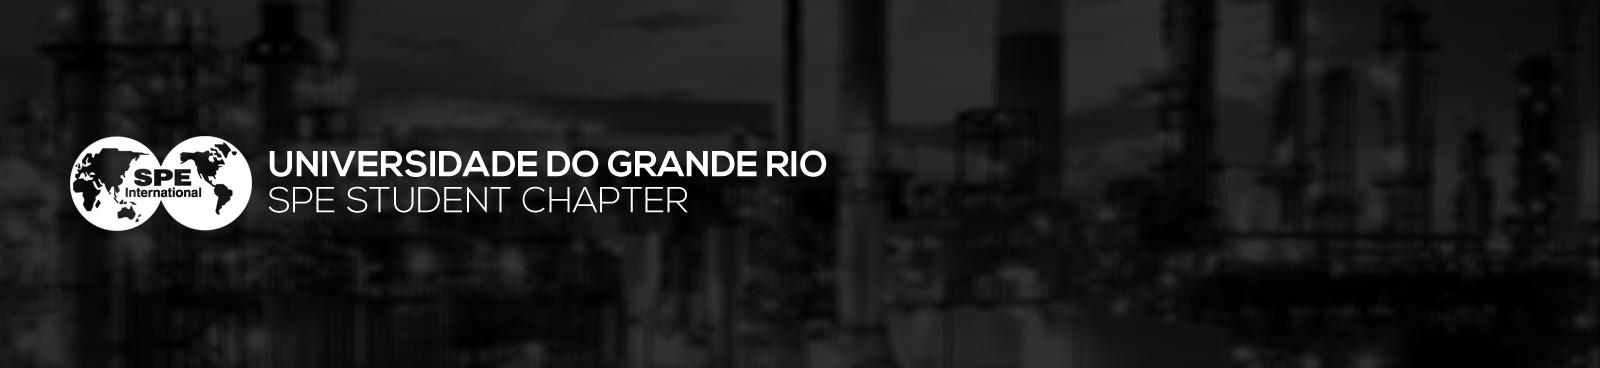 Universidade do Grande Rio SPE Student Chapter